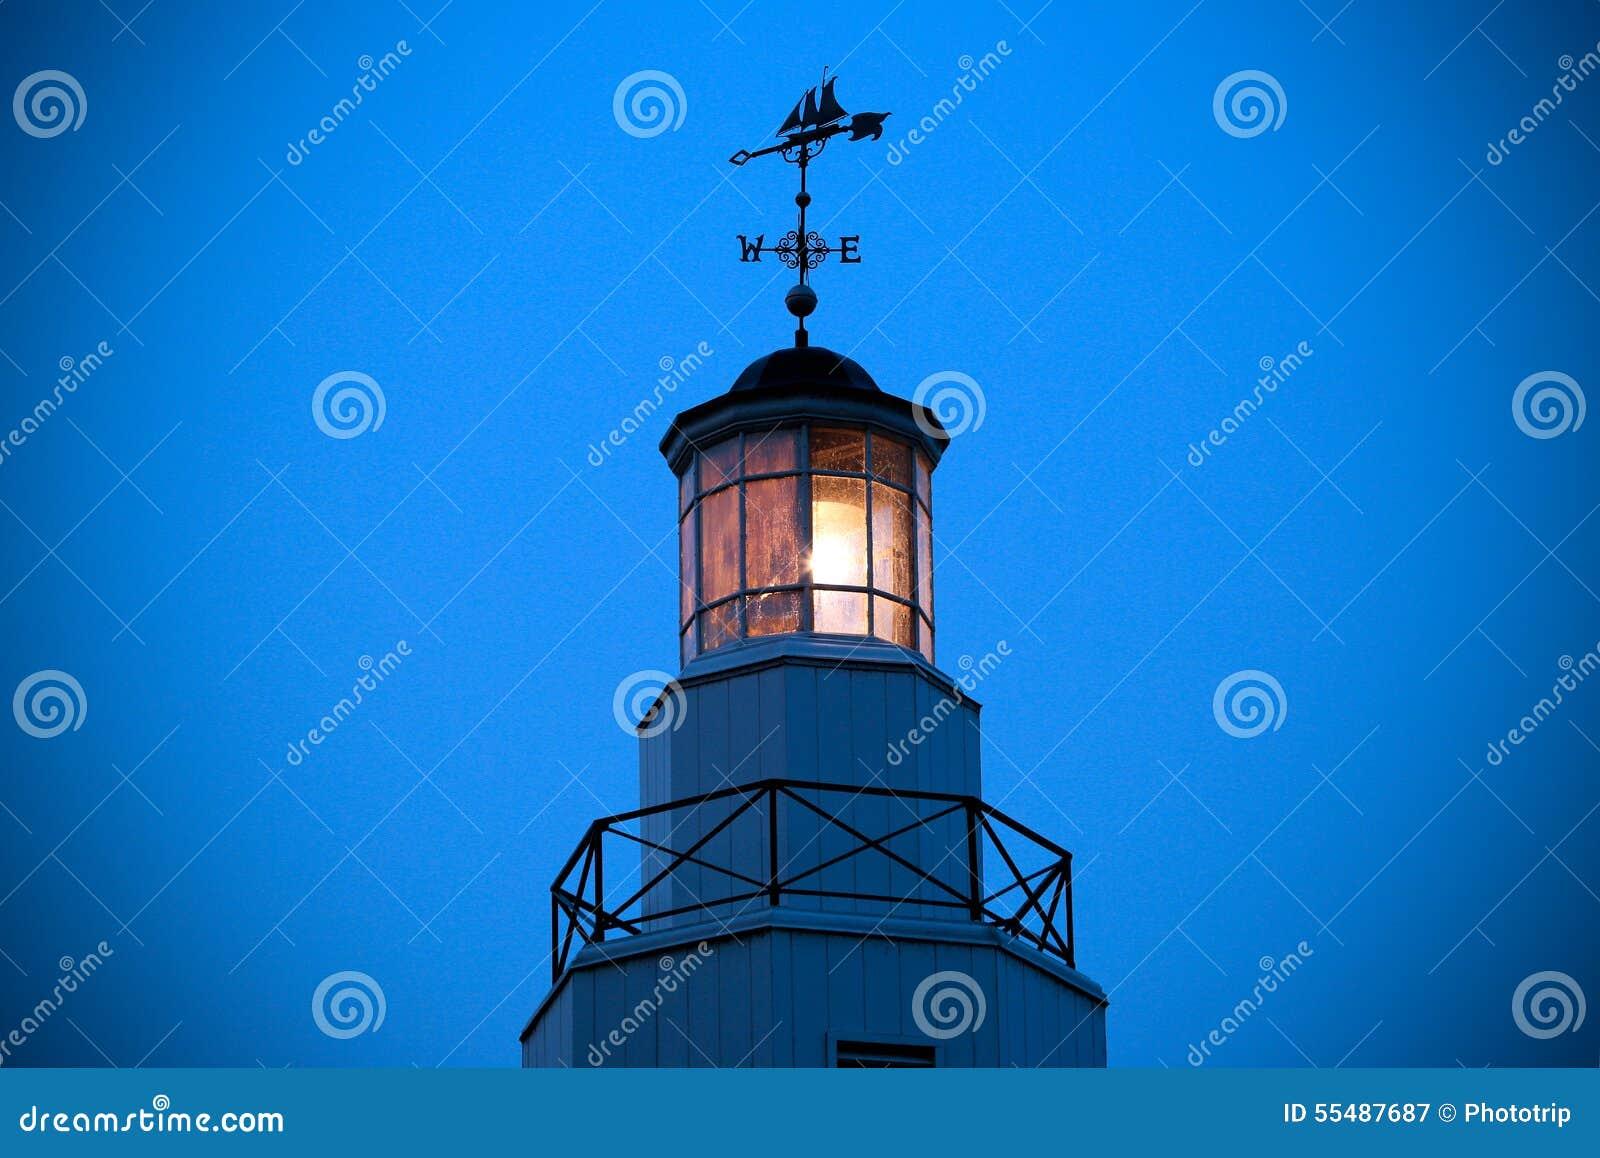 Kimberly Point Lighthouse Light med fåfängt för väder